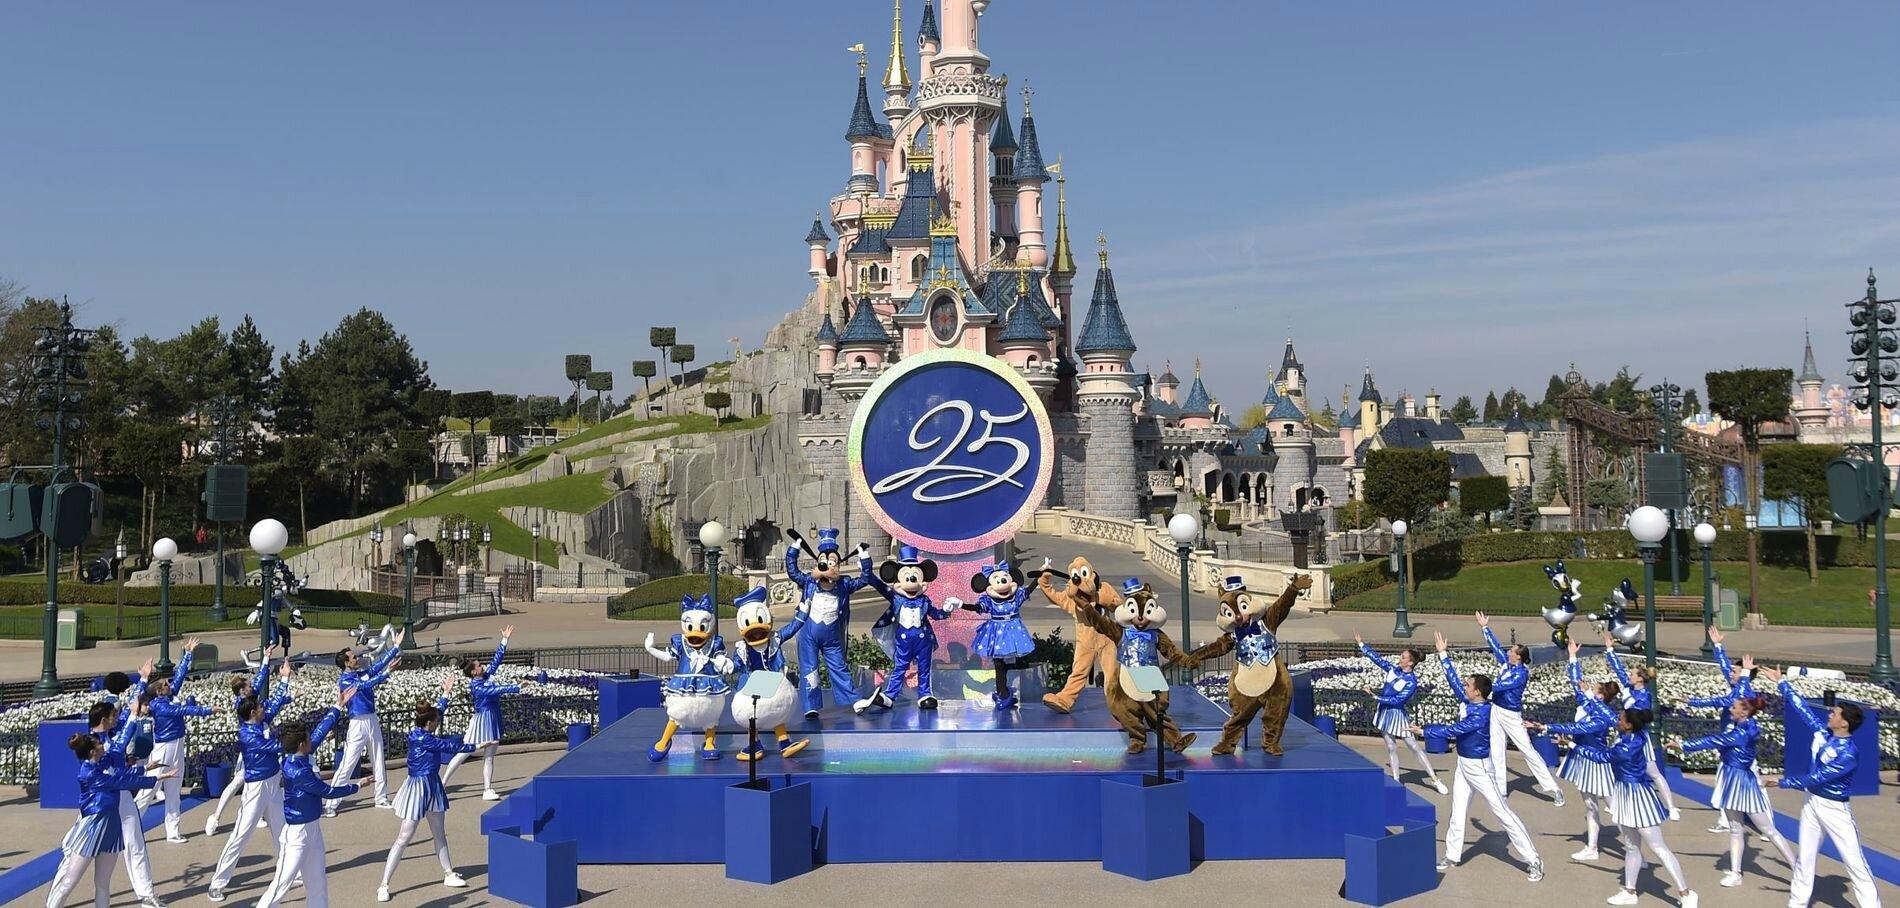 Joyeux 25ème anniversaire Disneyland Paris !